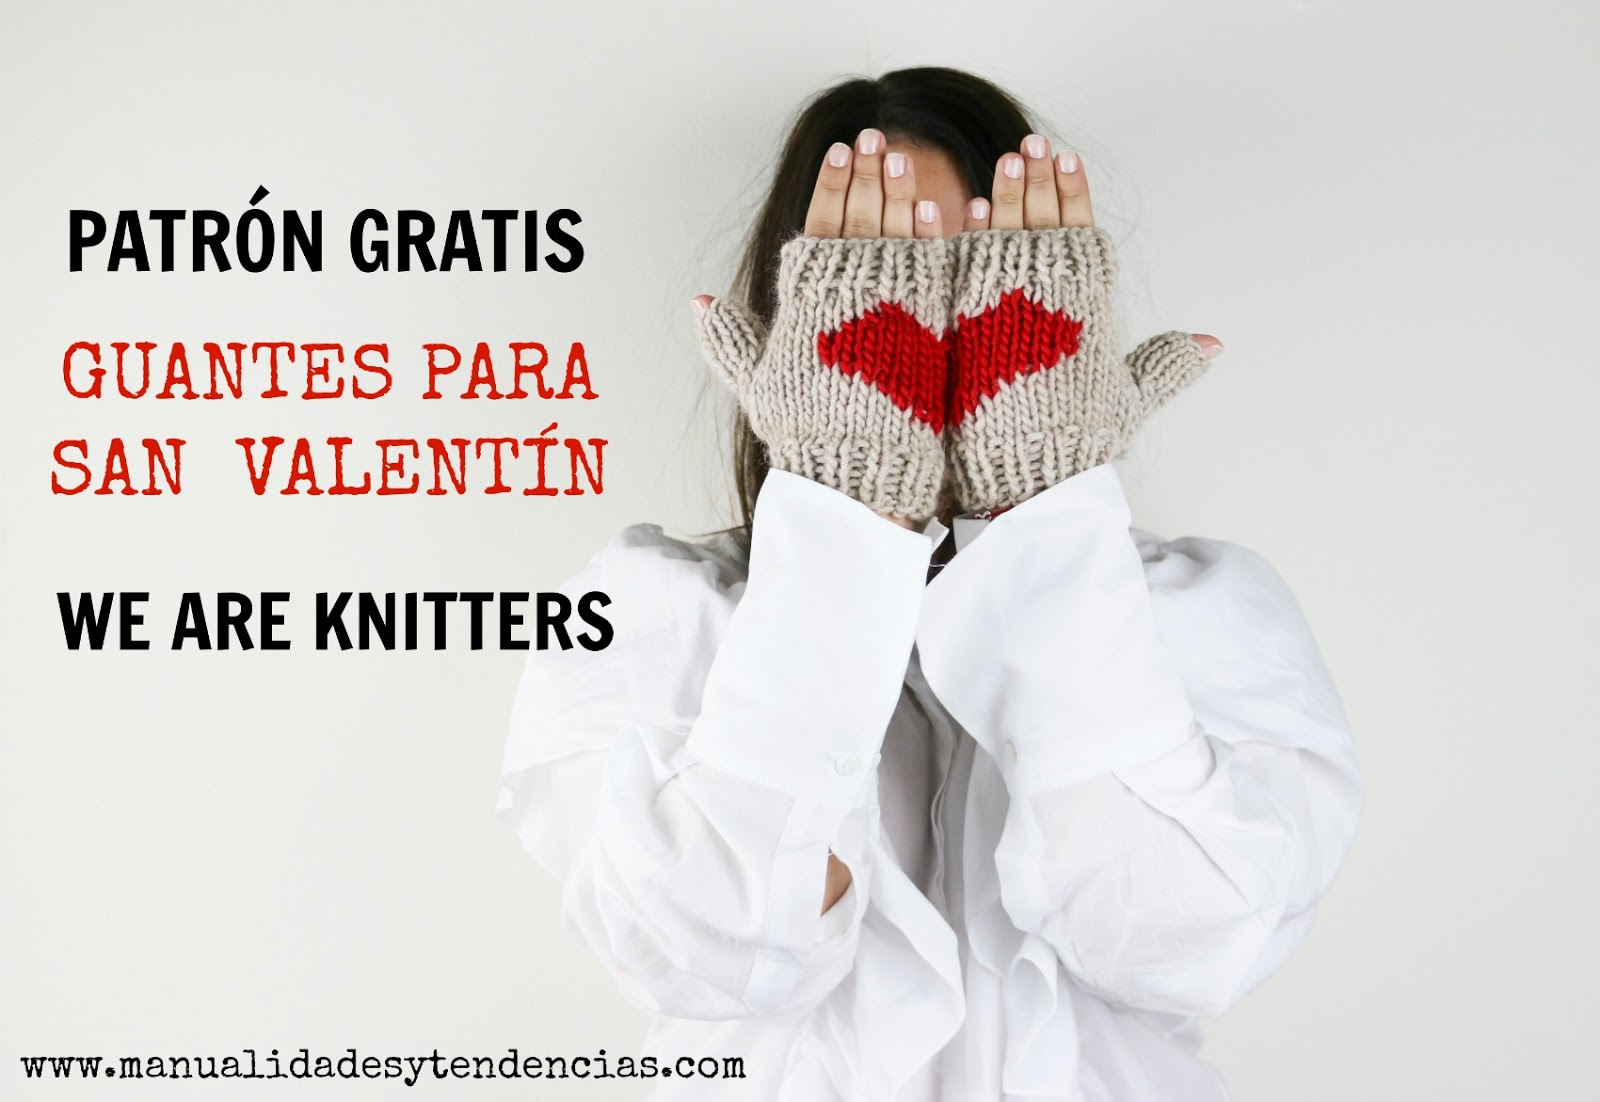 Manualidades y tendencias: Patrón gratis de guantes para San Valentín